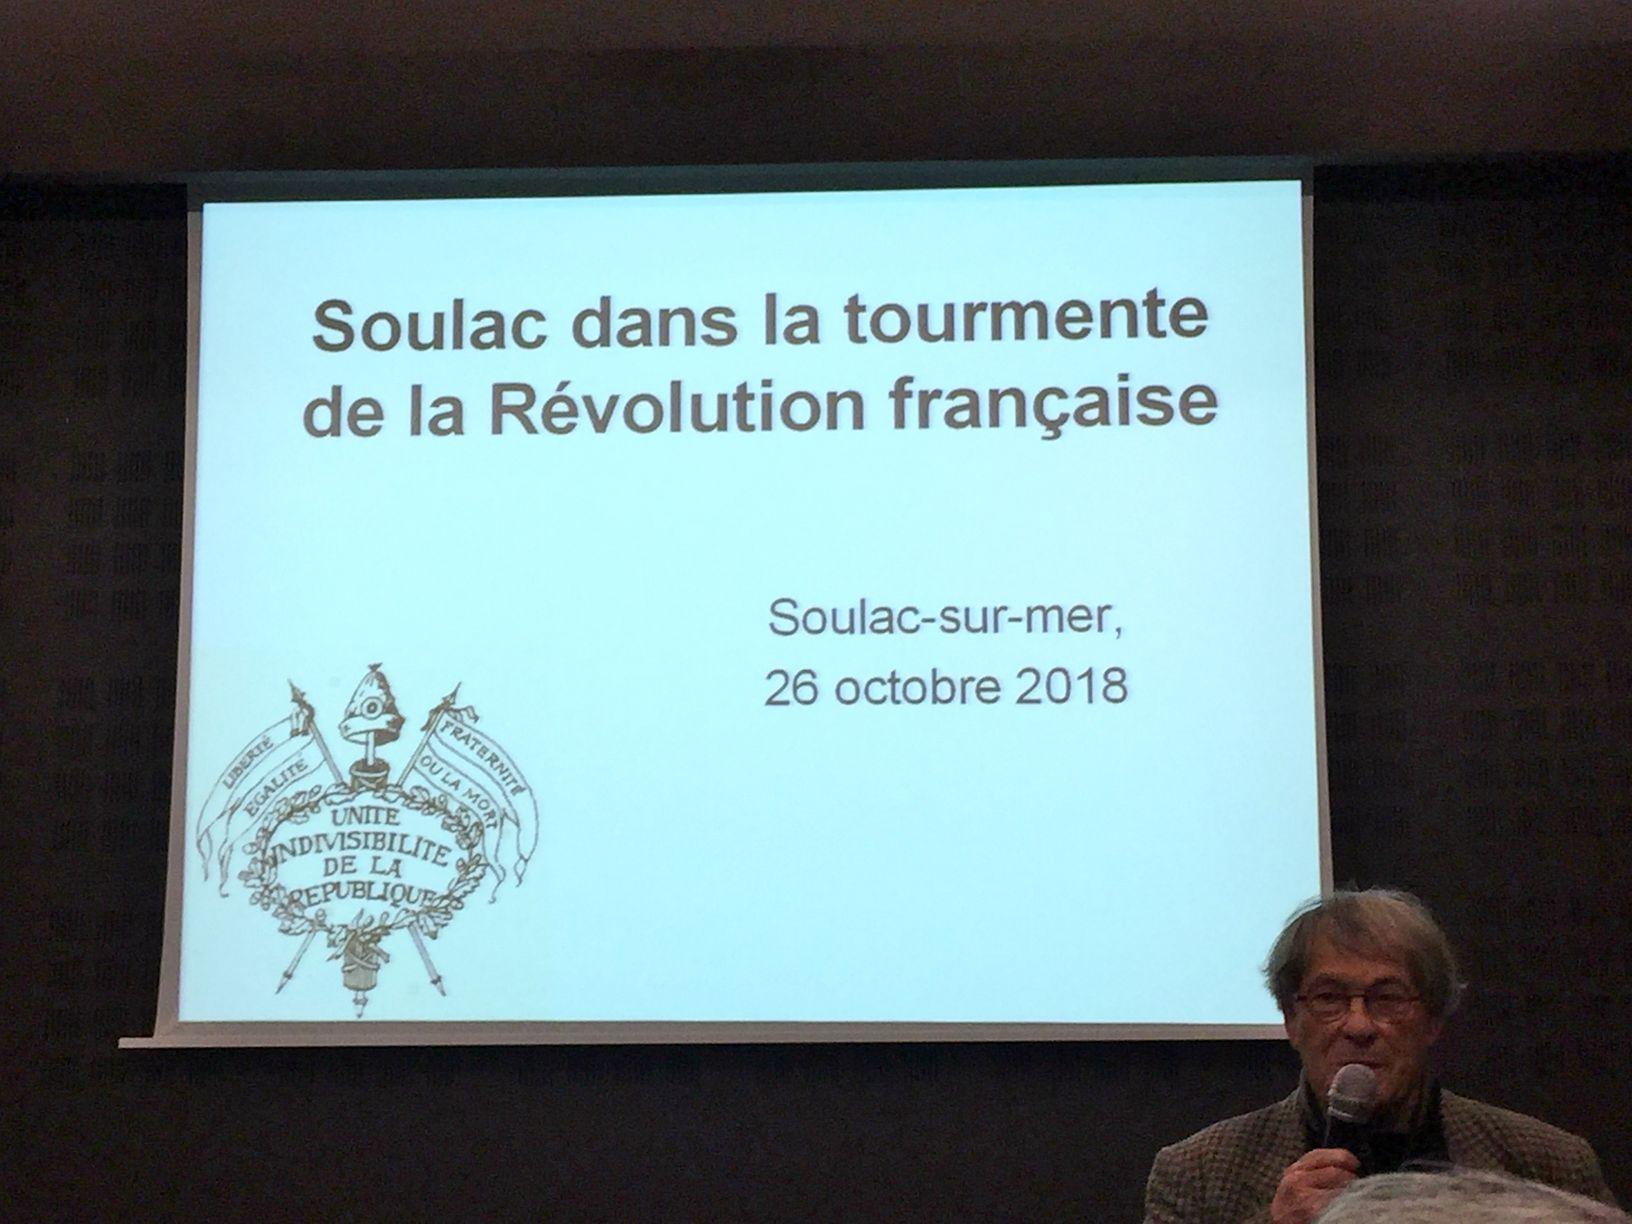 conférence Soulac à la Révolution française